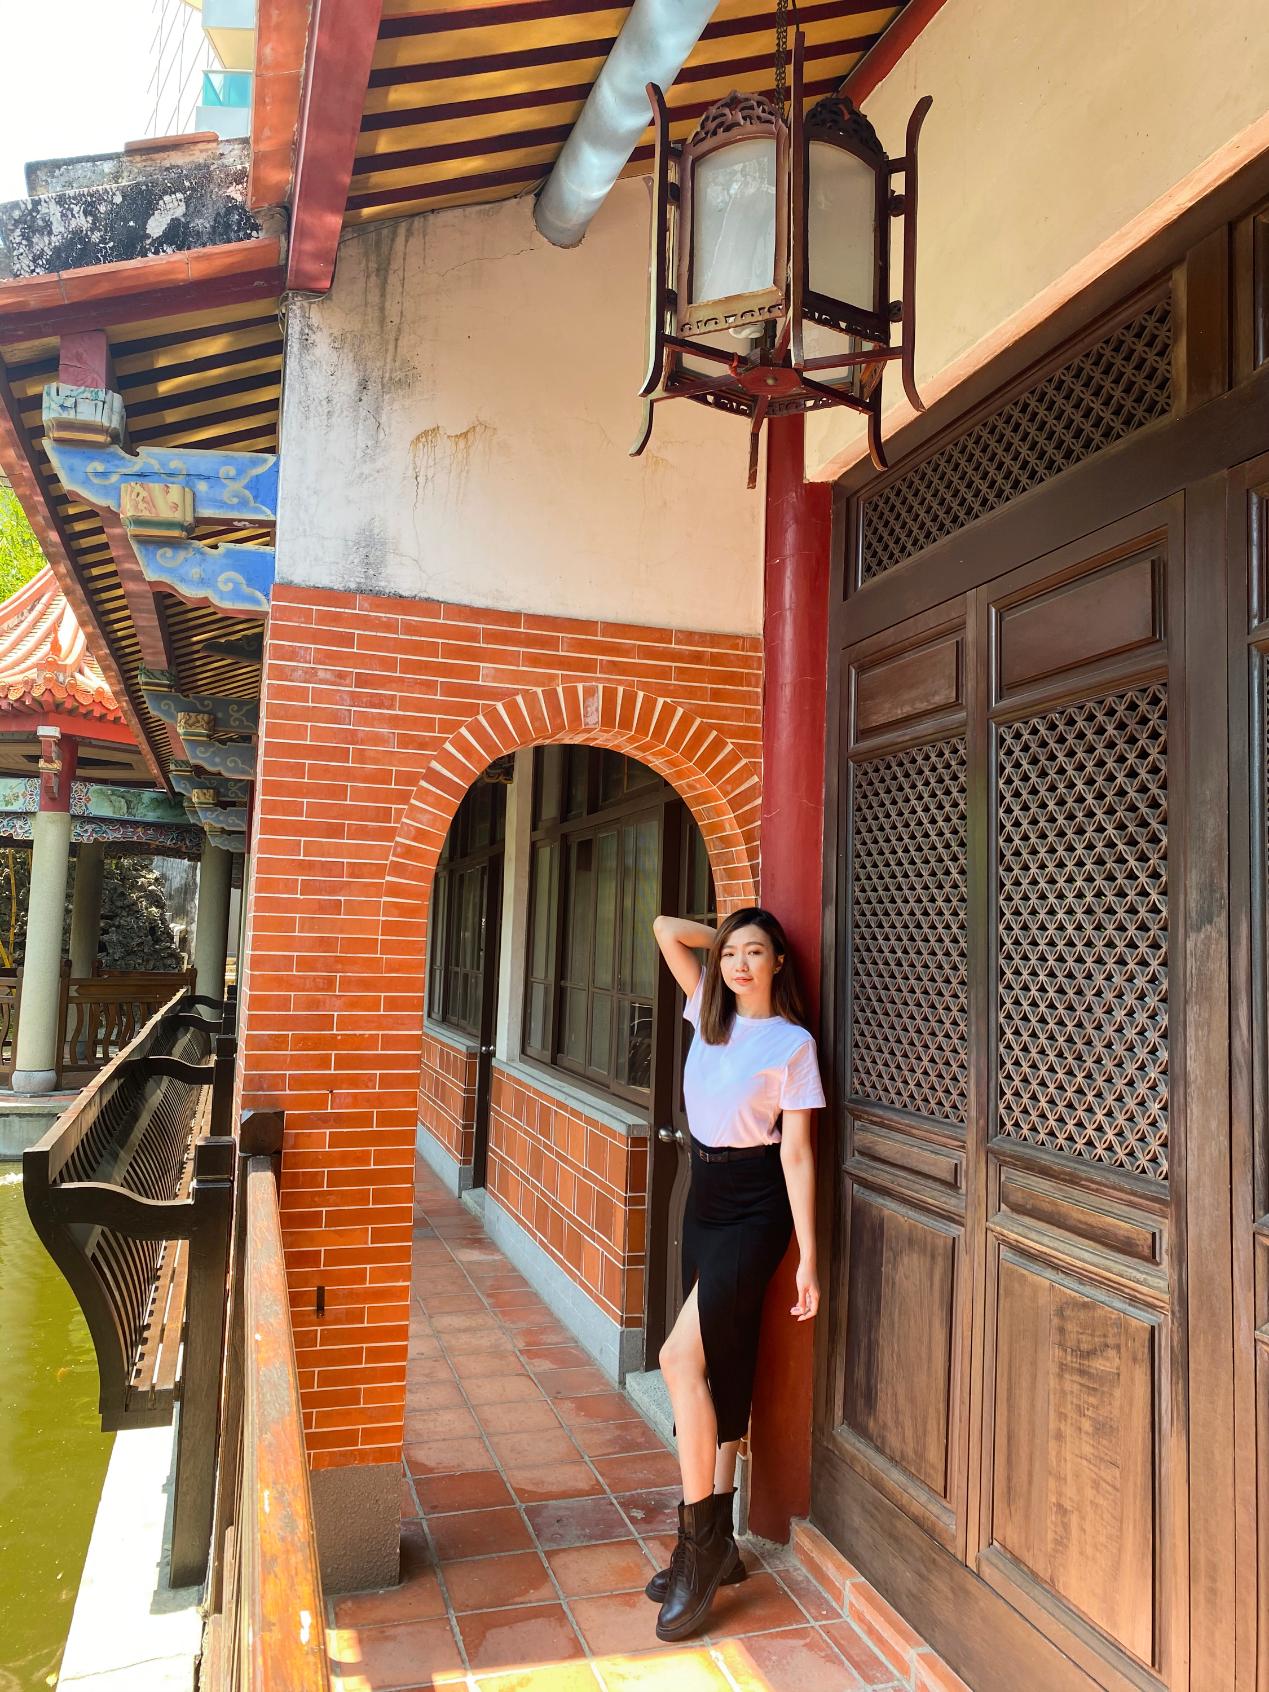 ▲吳園內有中式風格庭園,一旁還有日式木屋,走一趟能拍出三種風格美照。